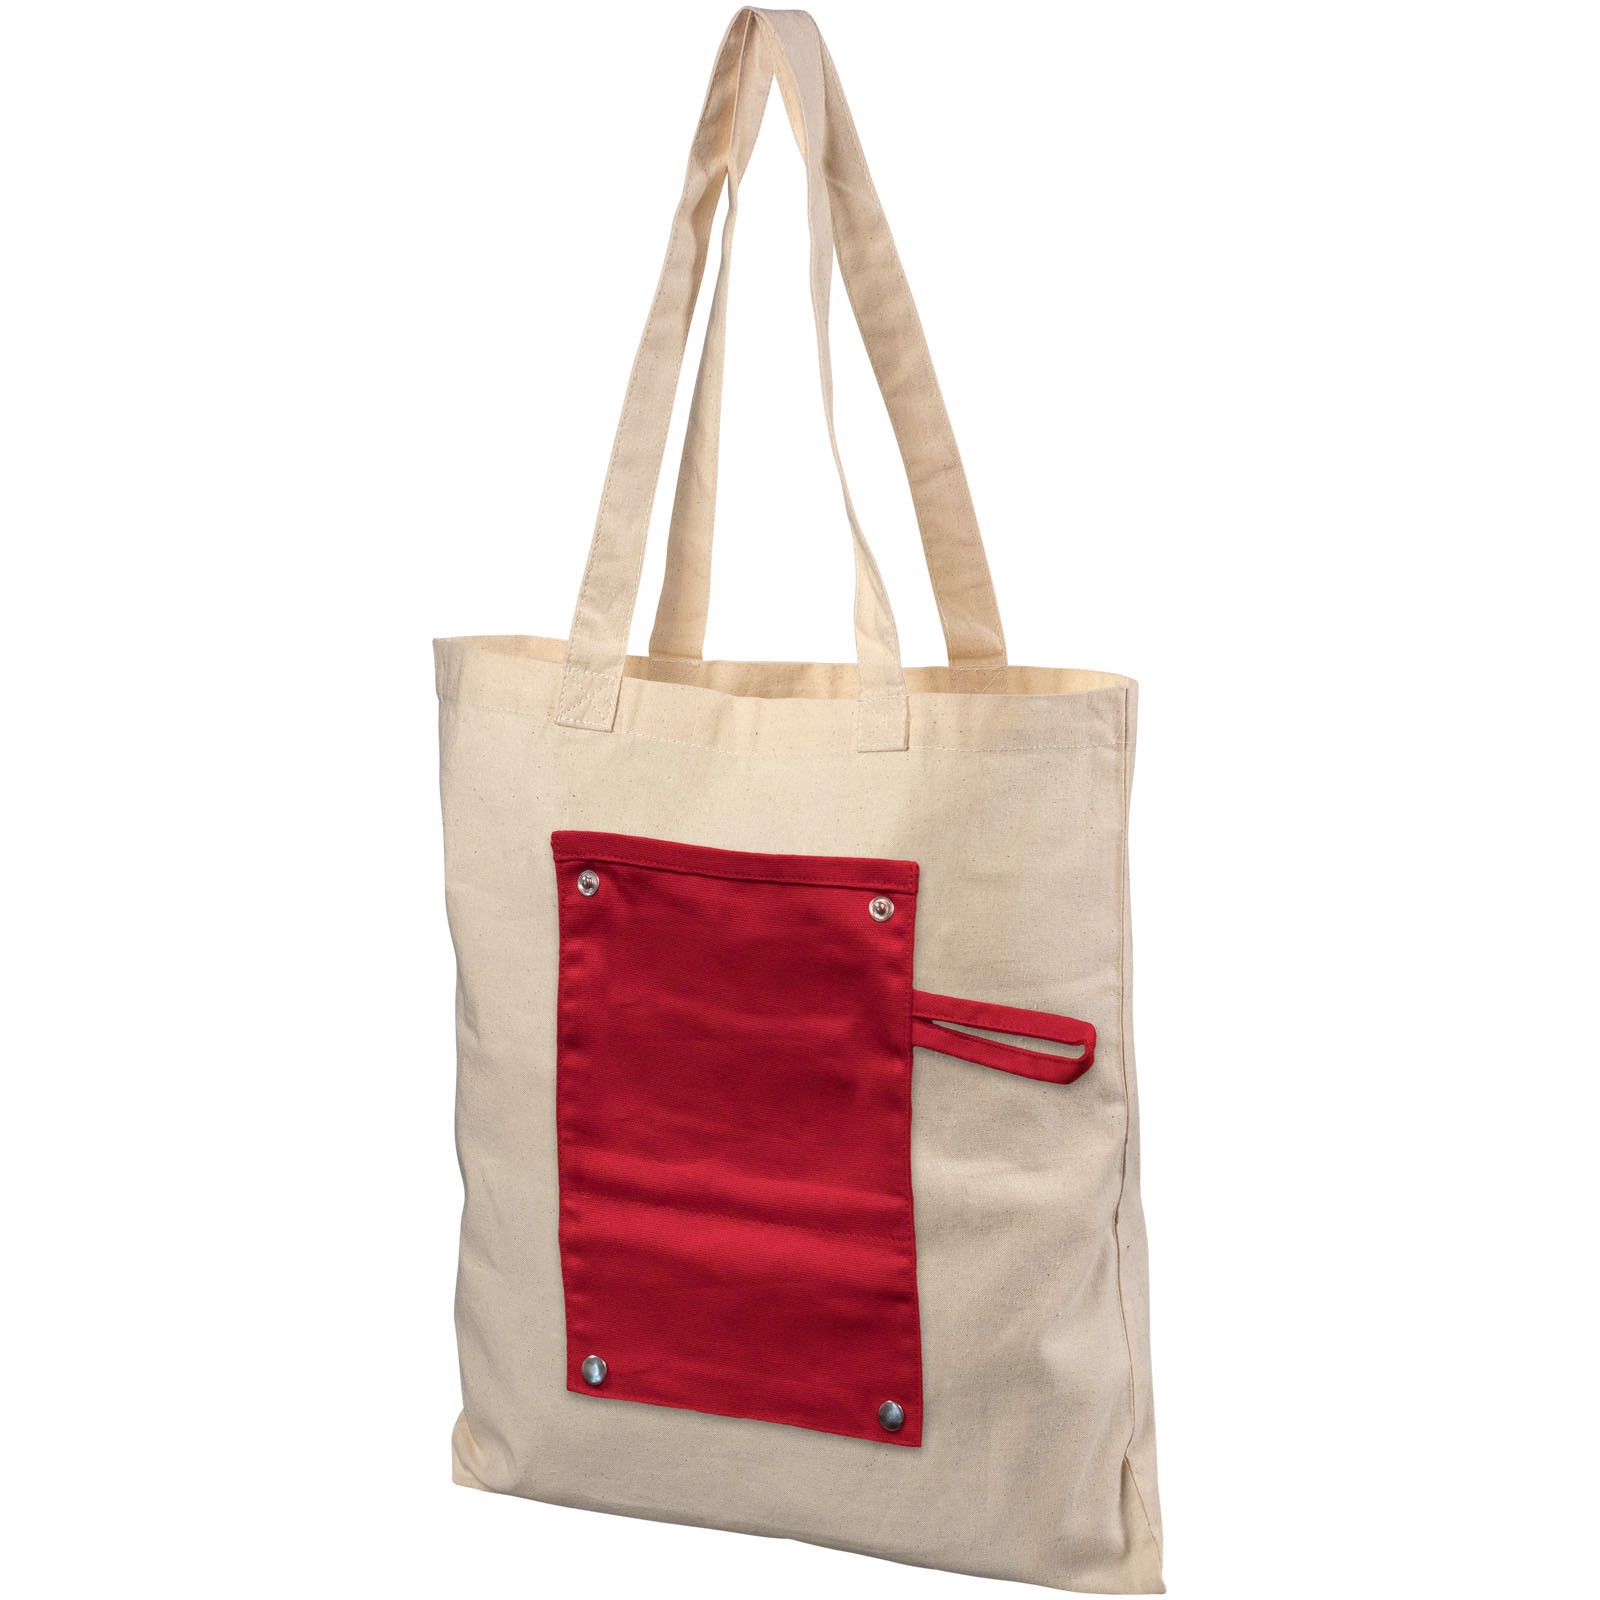 Srolovatelná odnoska Snap z bavlny 180 g/m² na knoflíky - Červená s efektem námrazy